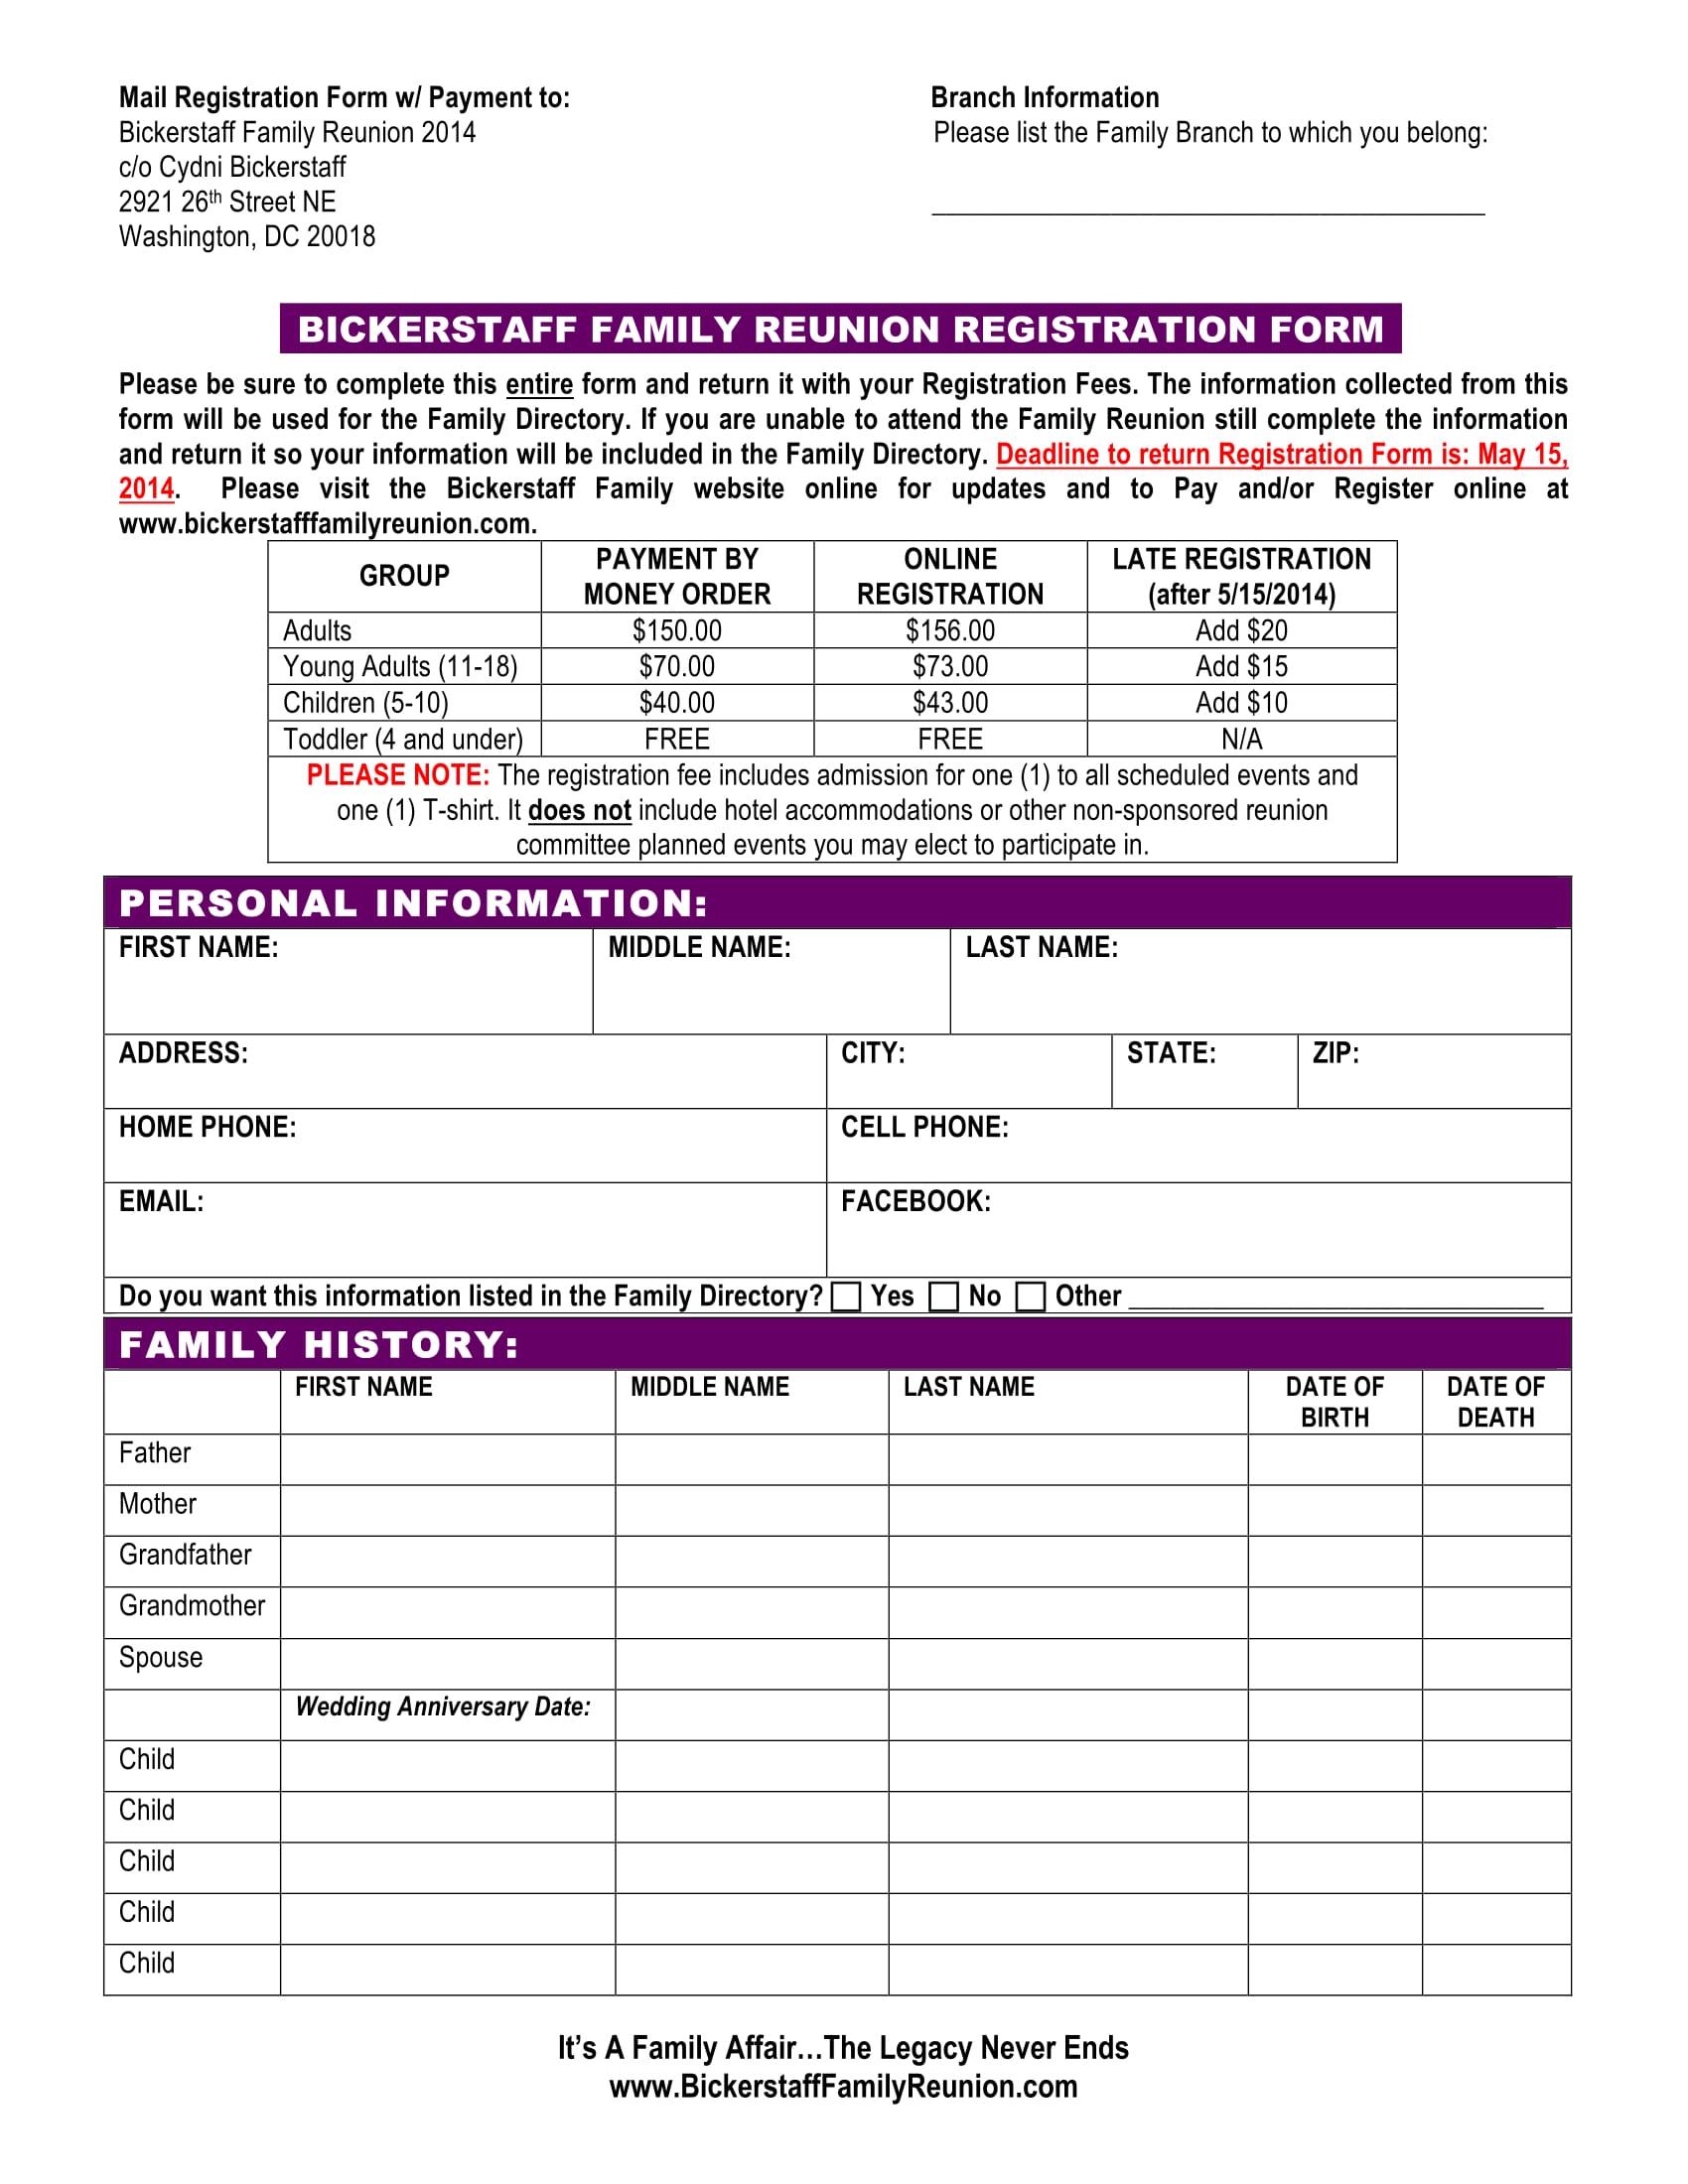 family reunion registration form 1